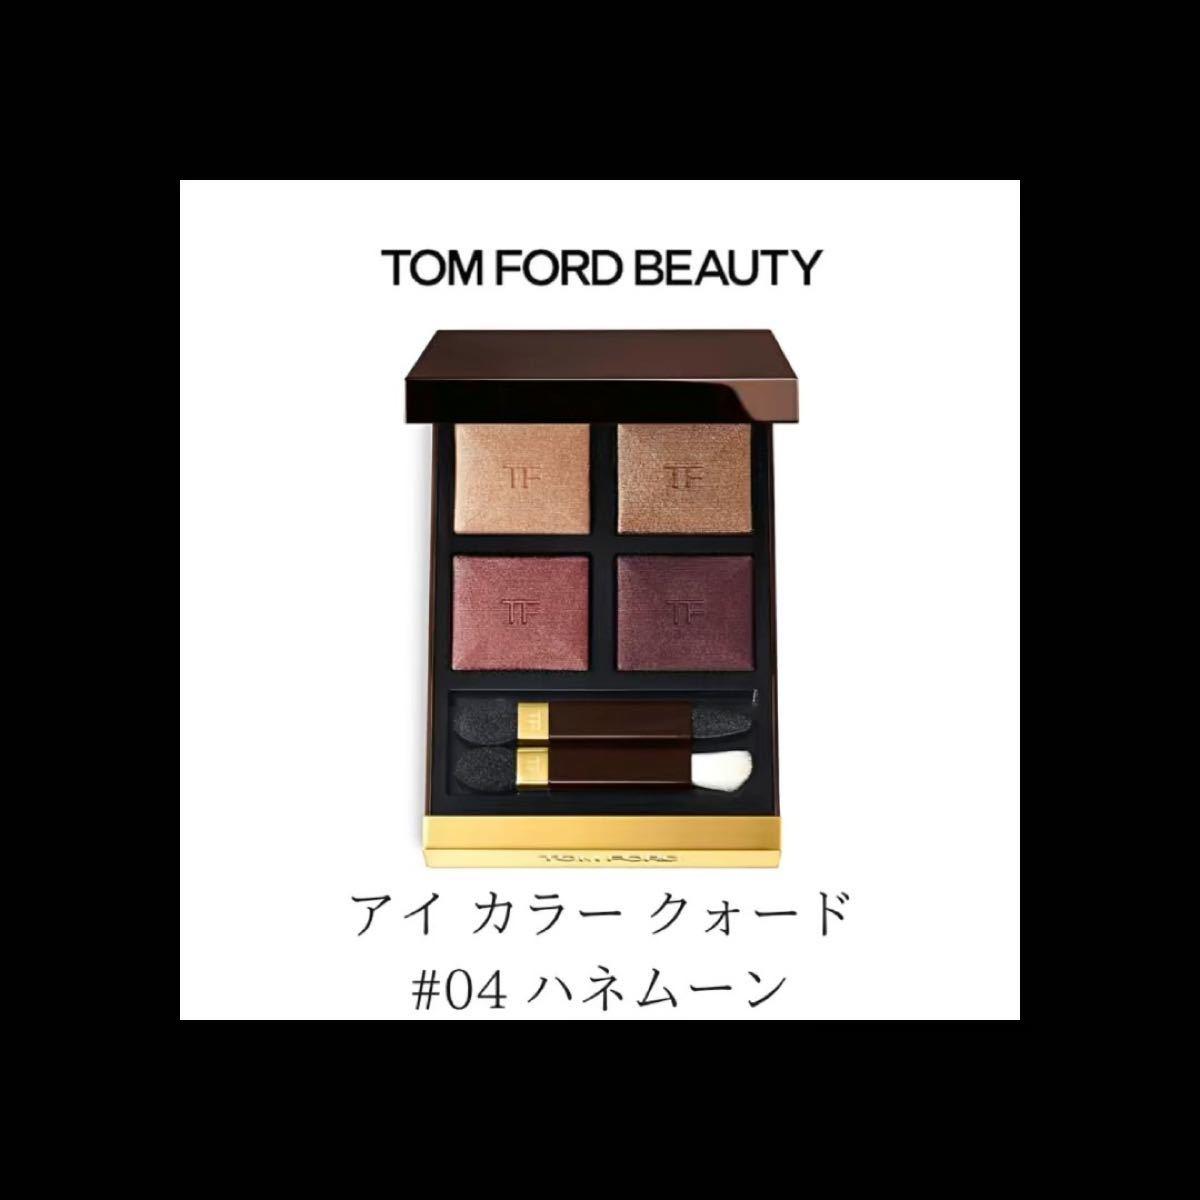 【トム フォード ビューティ アイカラー クォード 4A ハネムーン 10g】購入求む